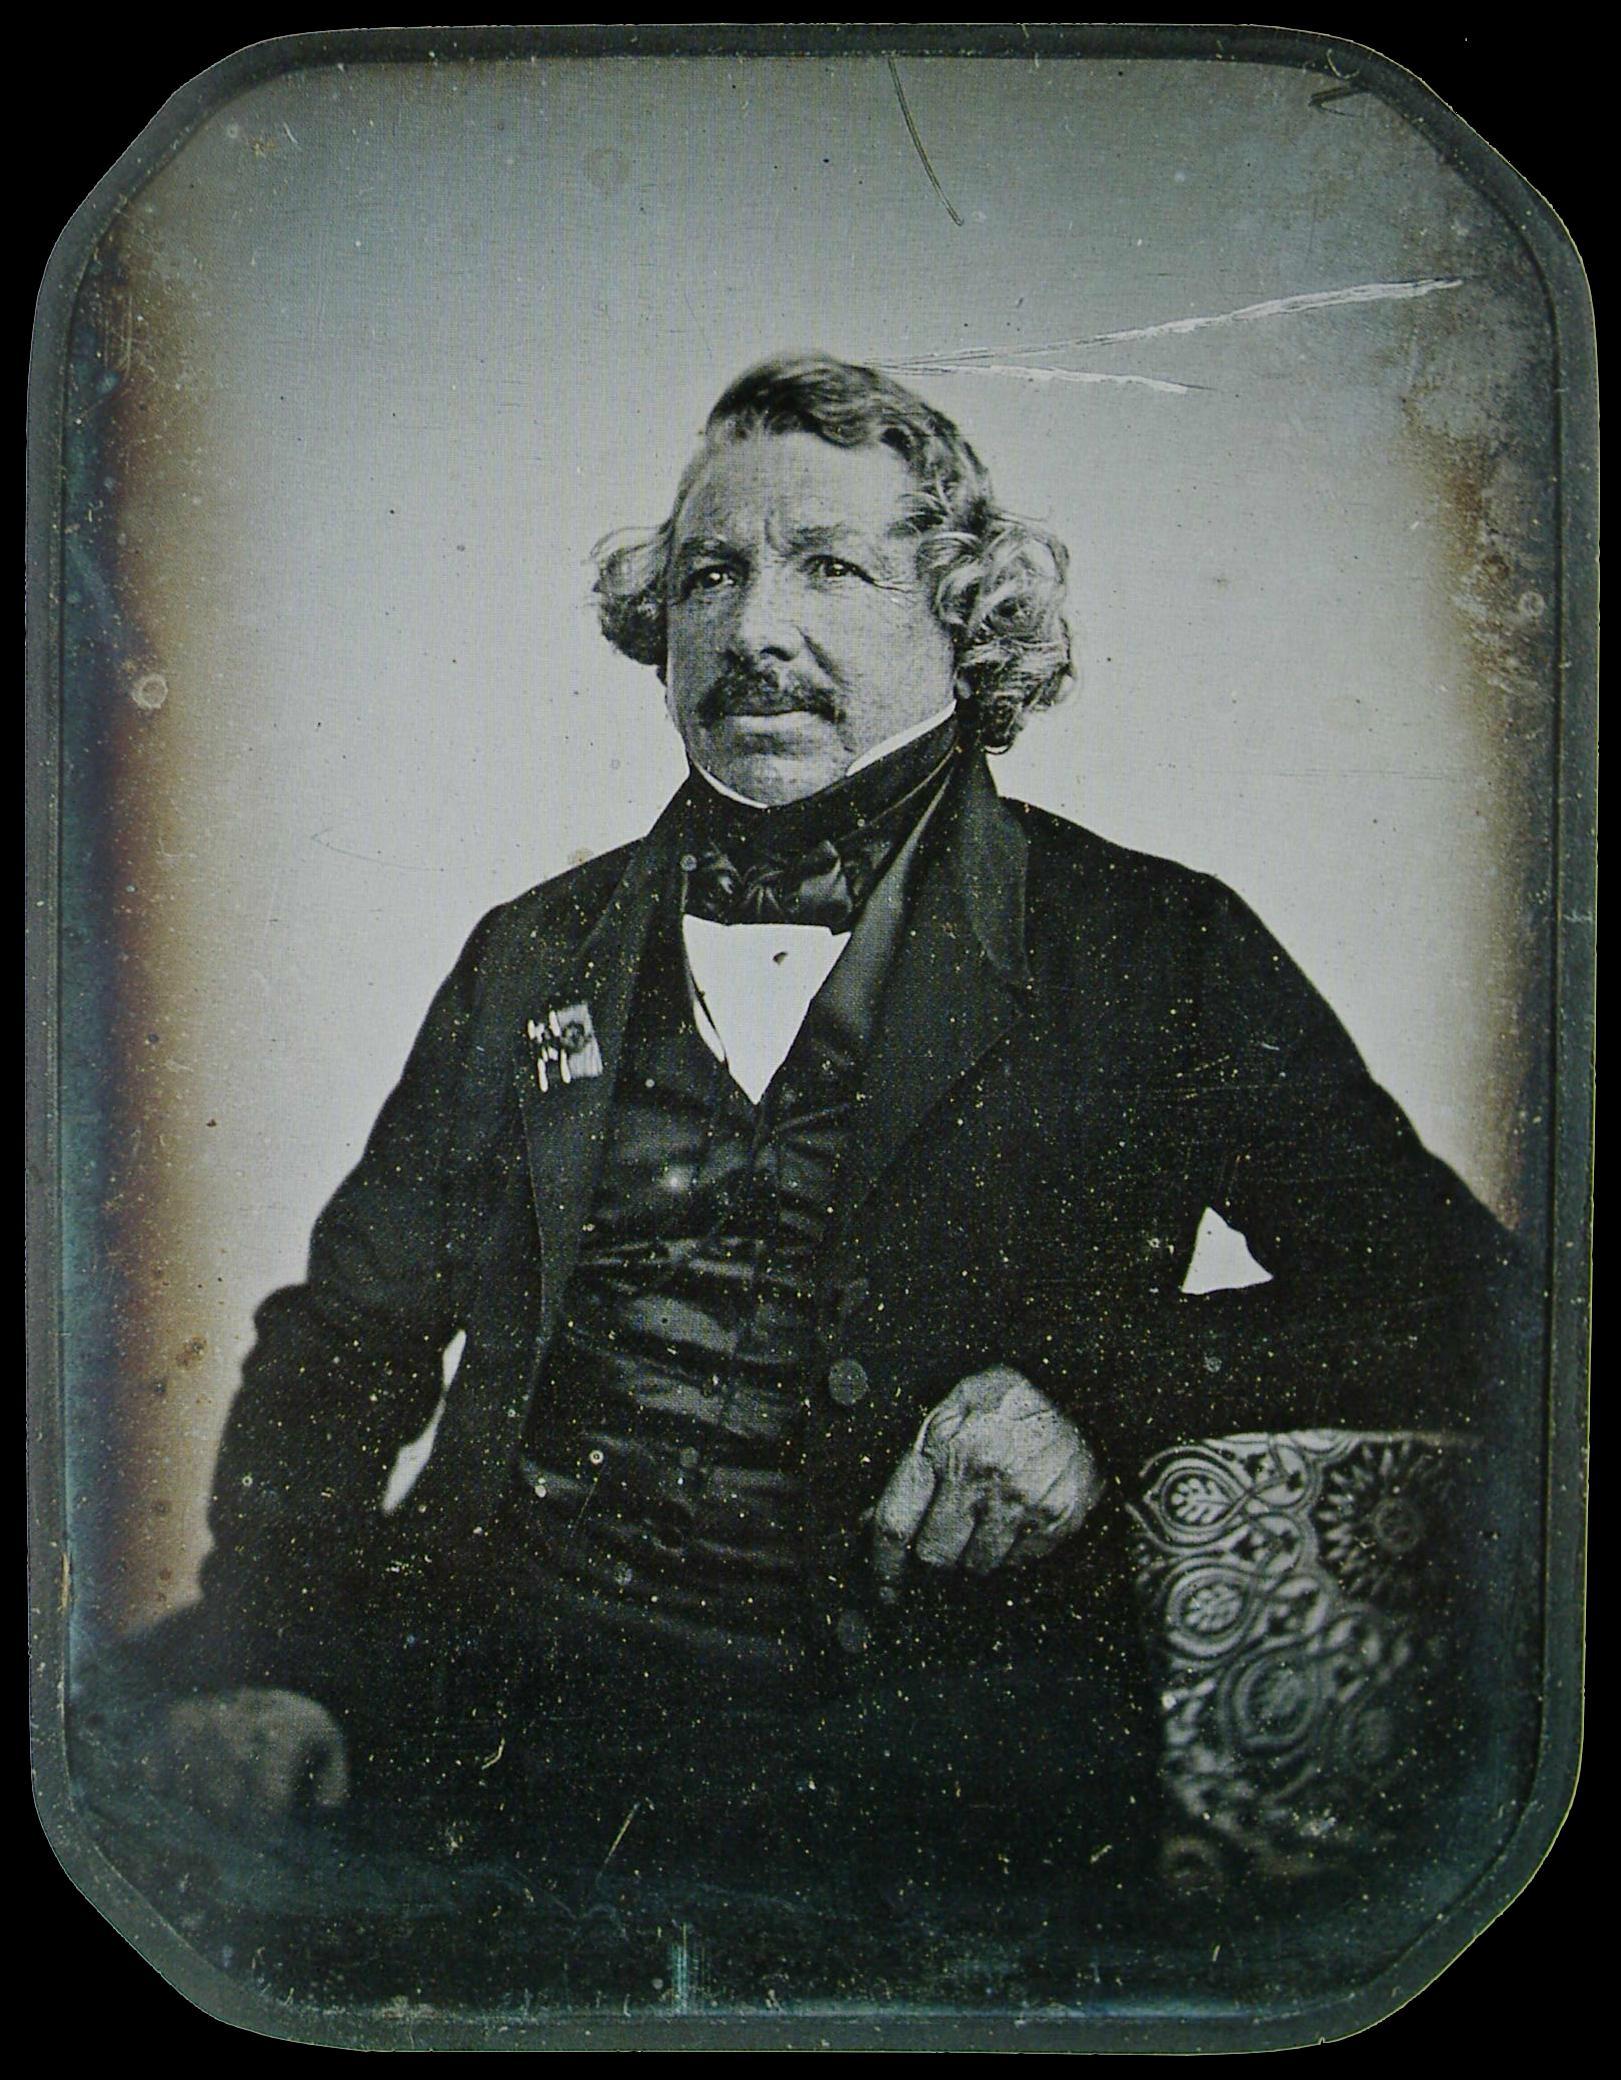 Retrat de J.M.Daguerre